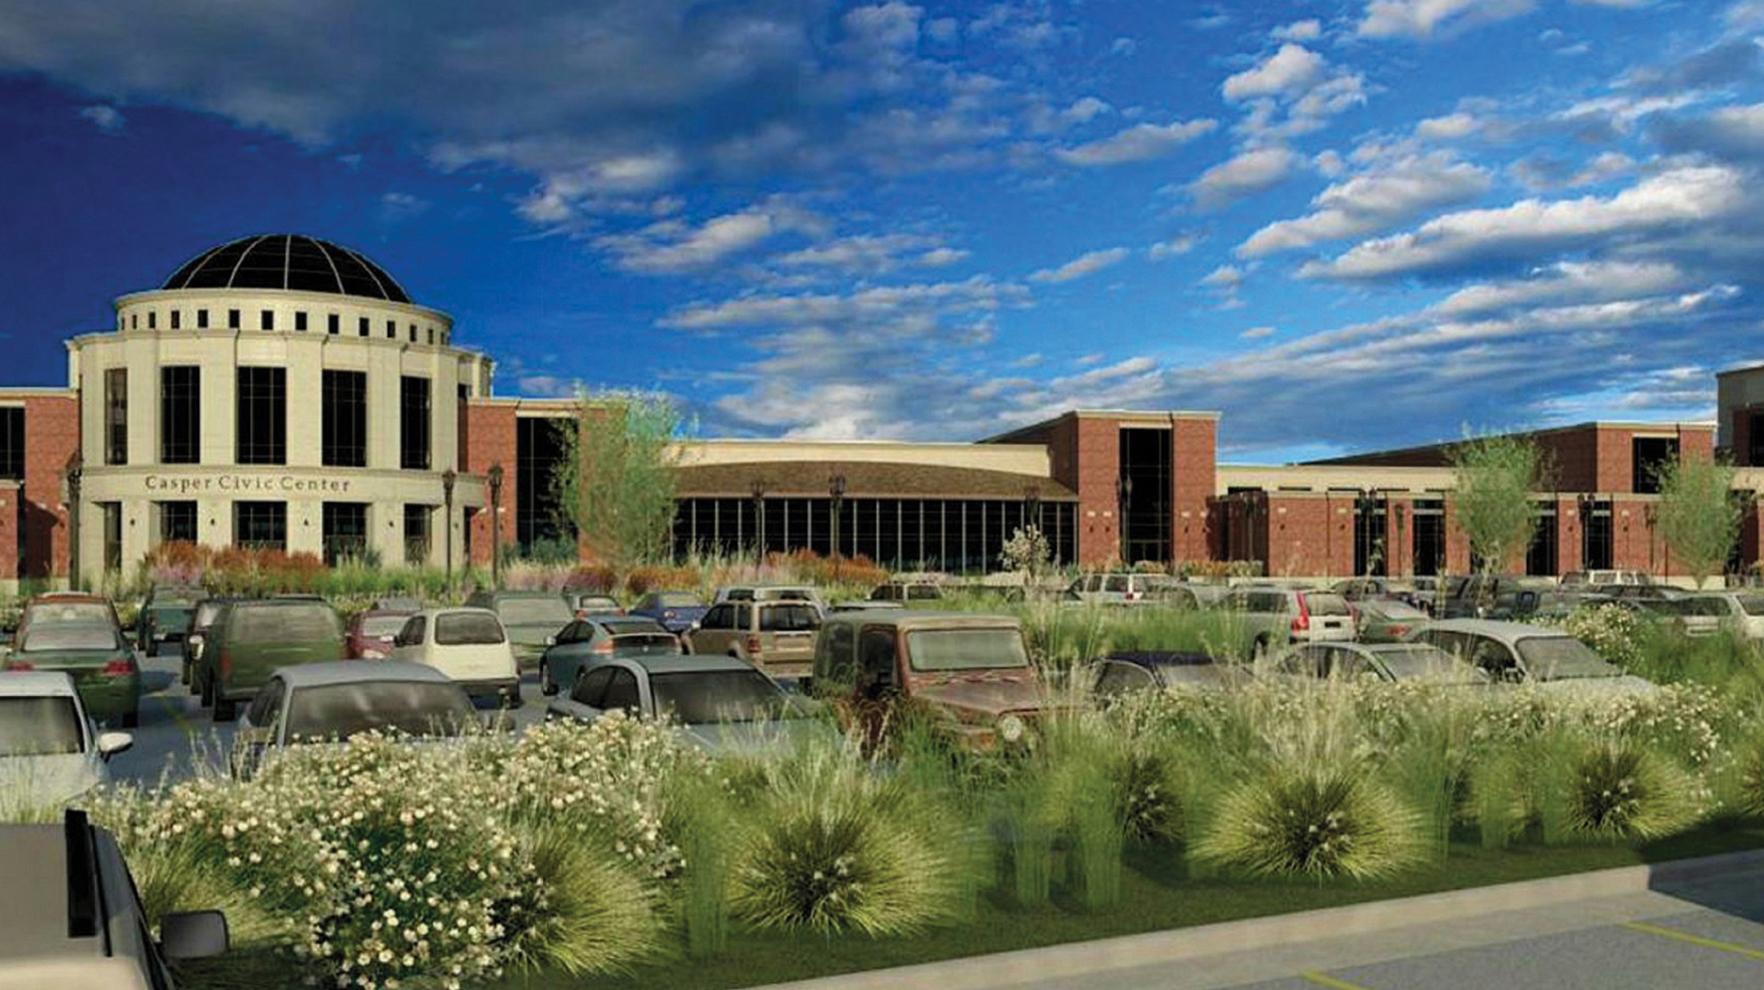 Casper Conference Center